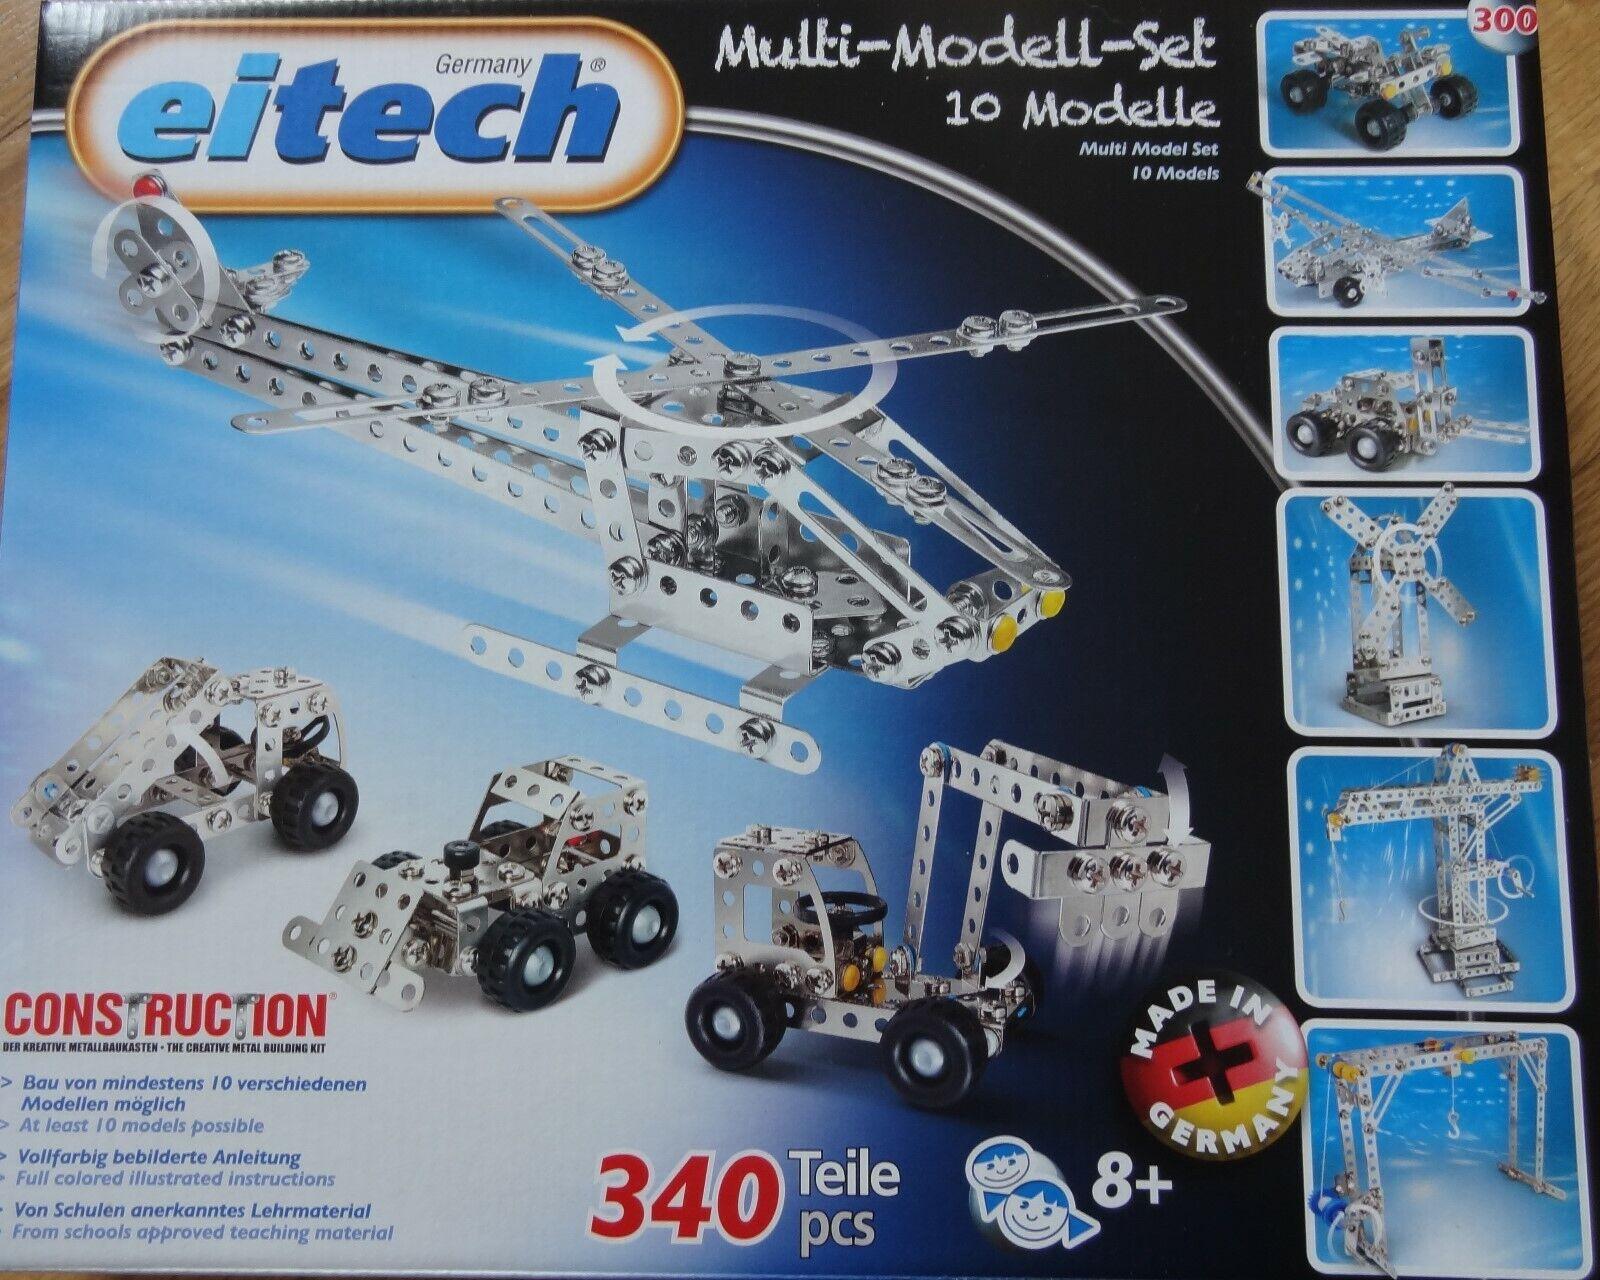 Multi Model Set Eitech 10 Model Metal Construction Building Set C300